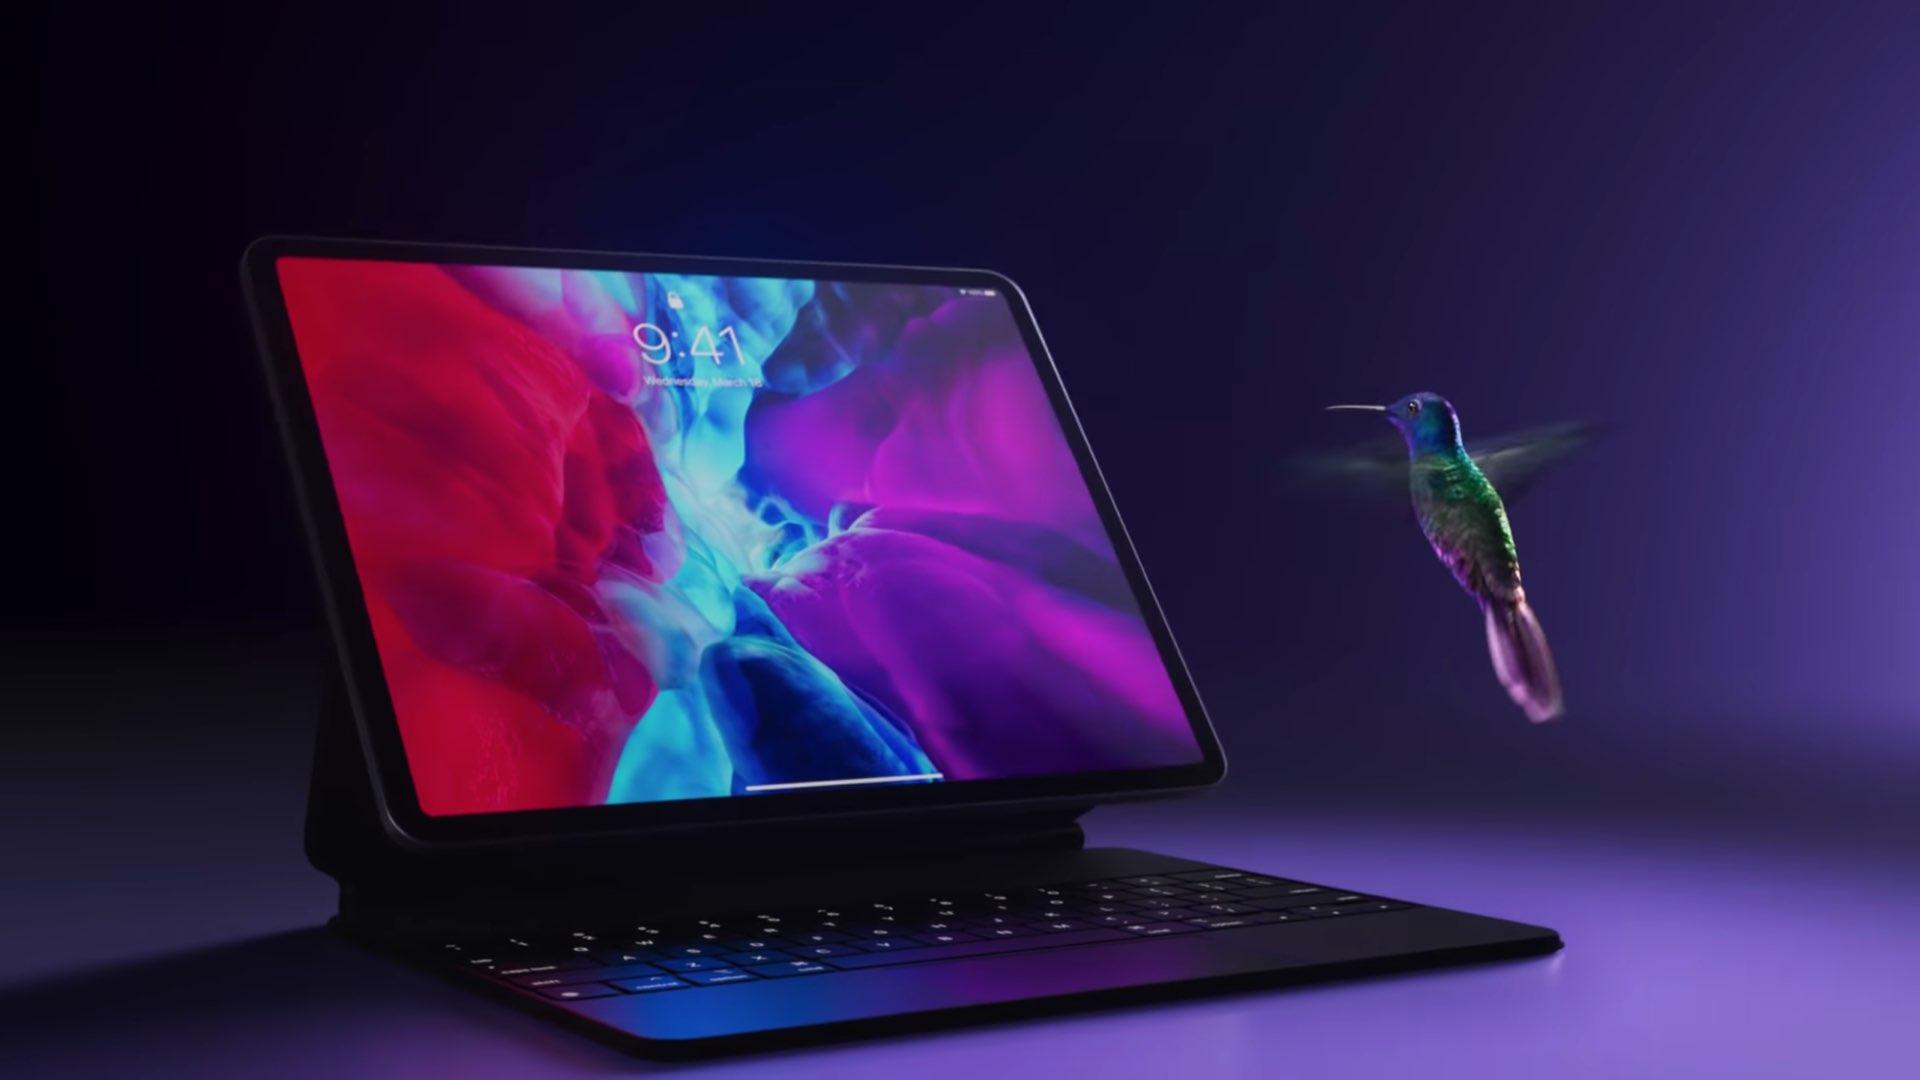 Волшебная яркость клавиатуры